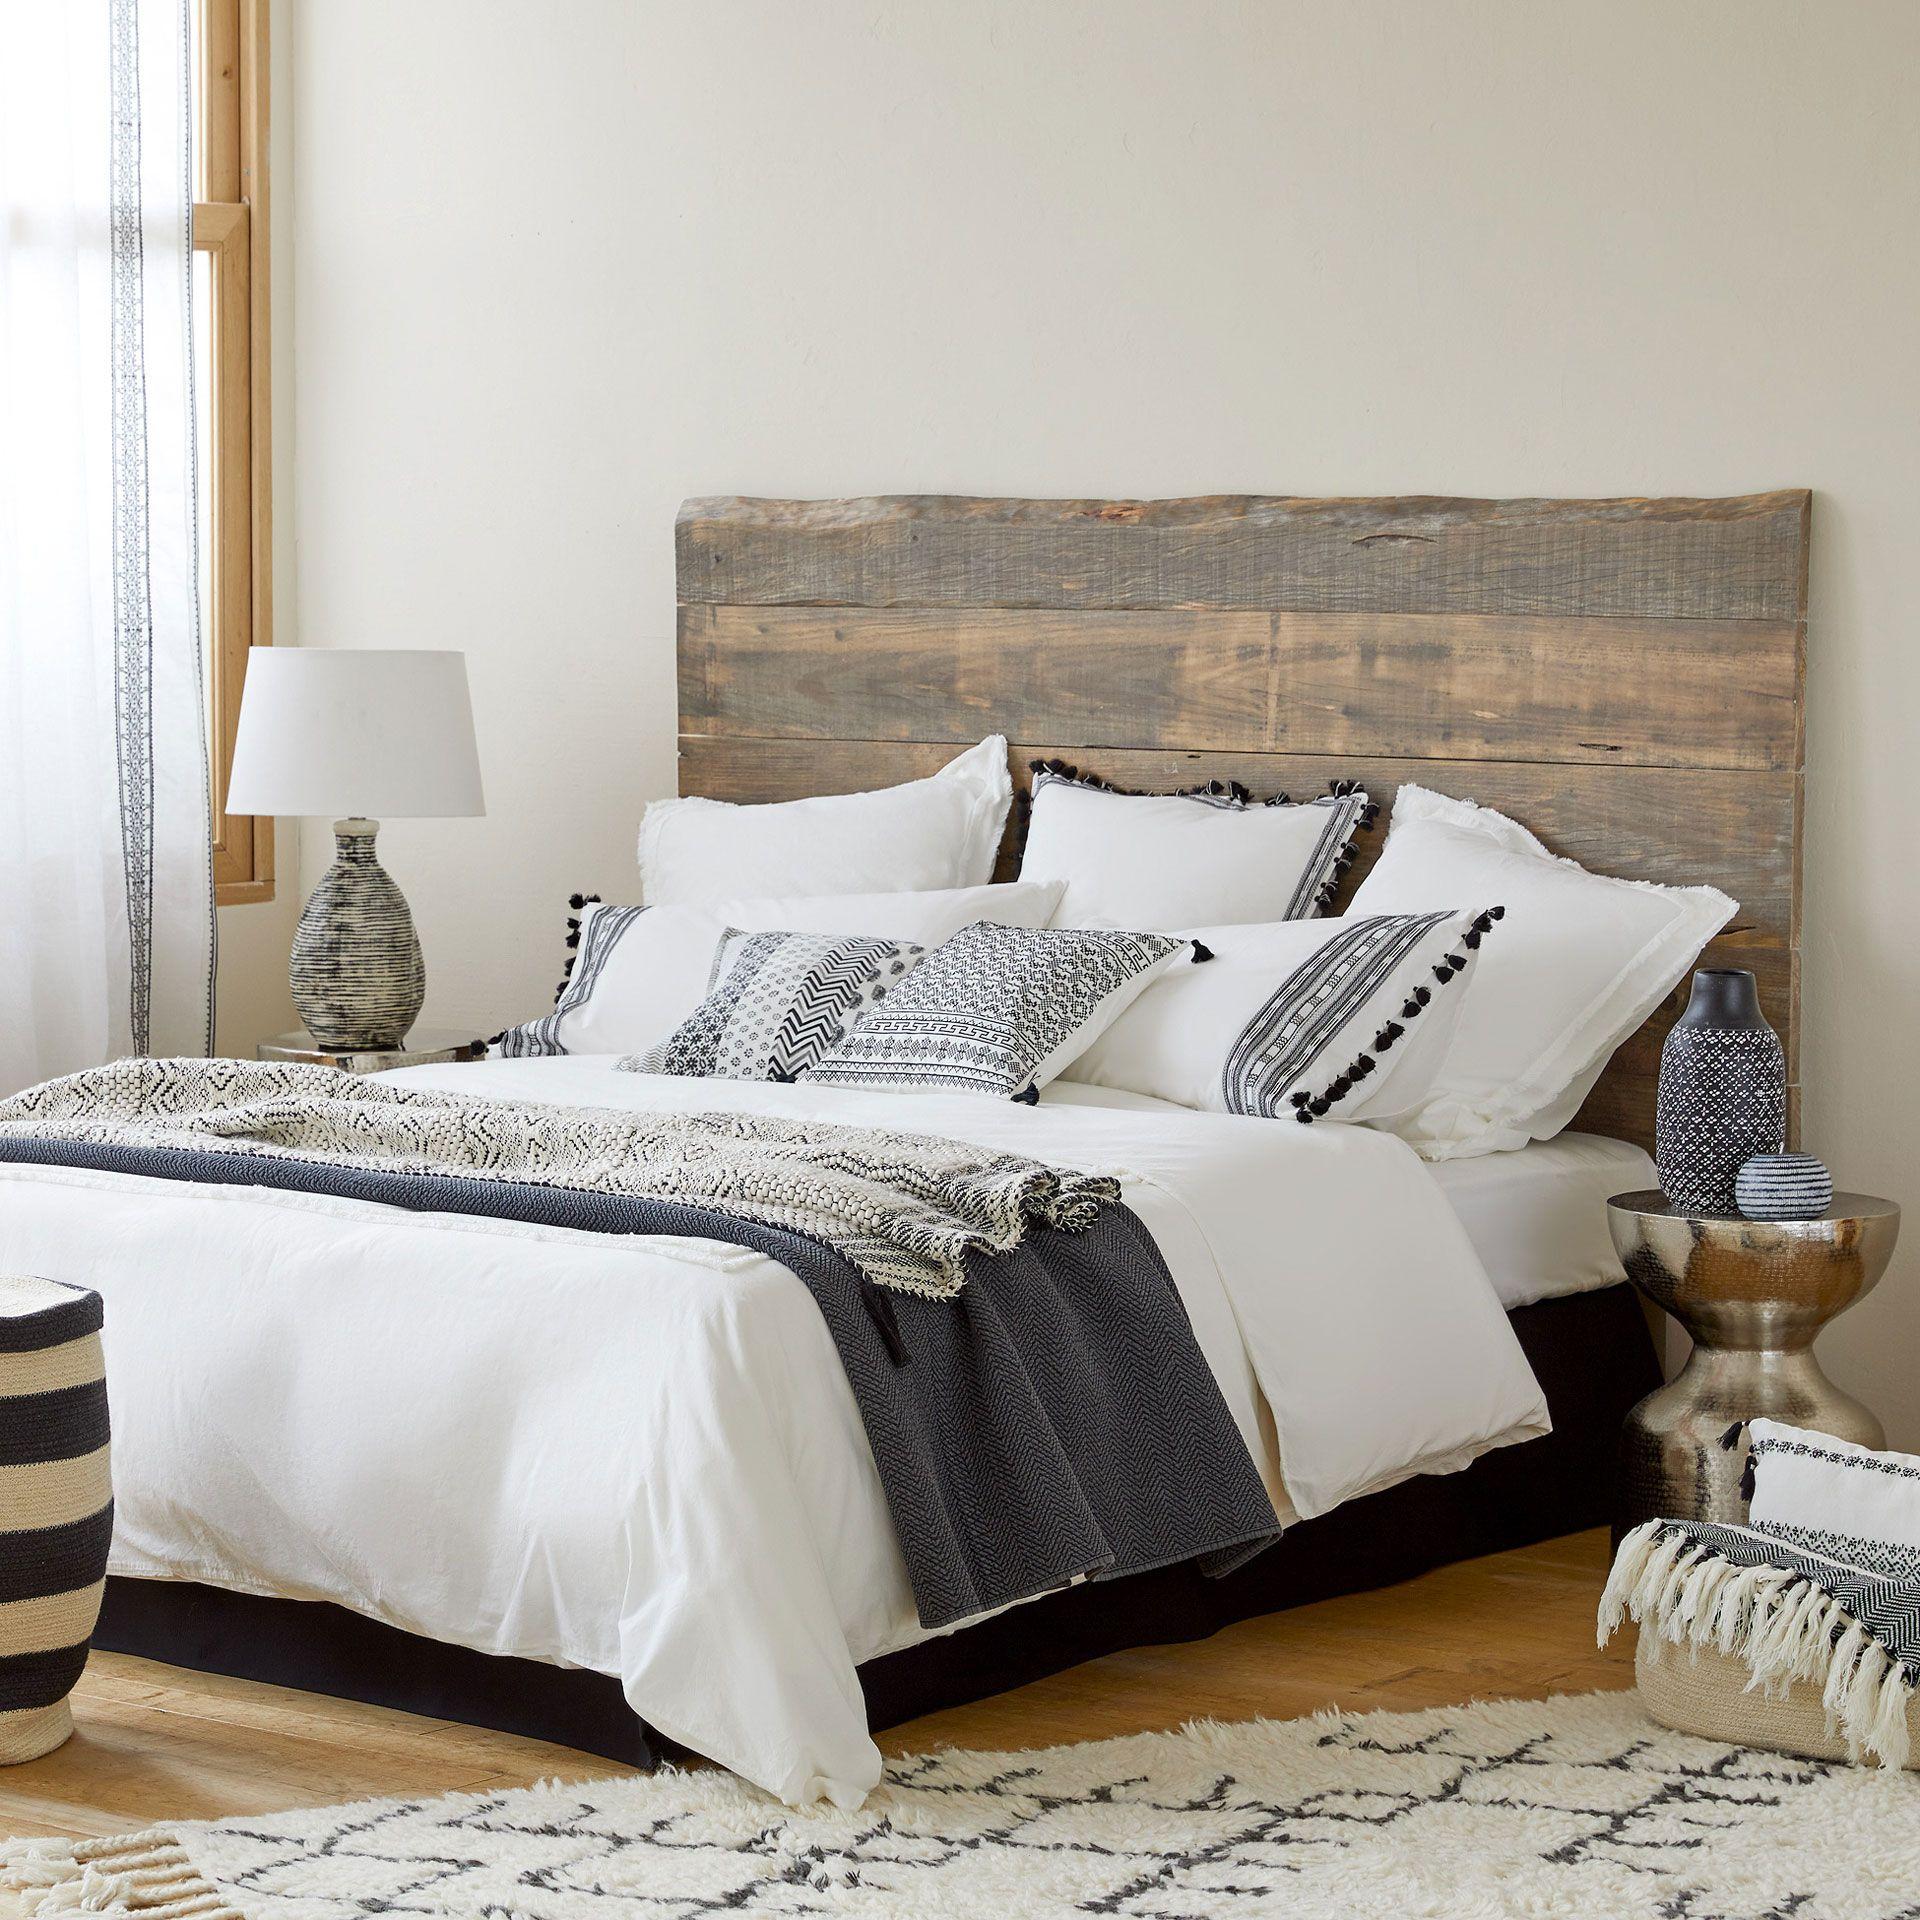 housse de couette coton percale lav double frange. Black Bedroom Furniture Sets. Home Design Ideas